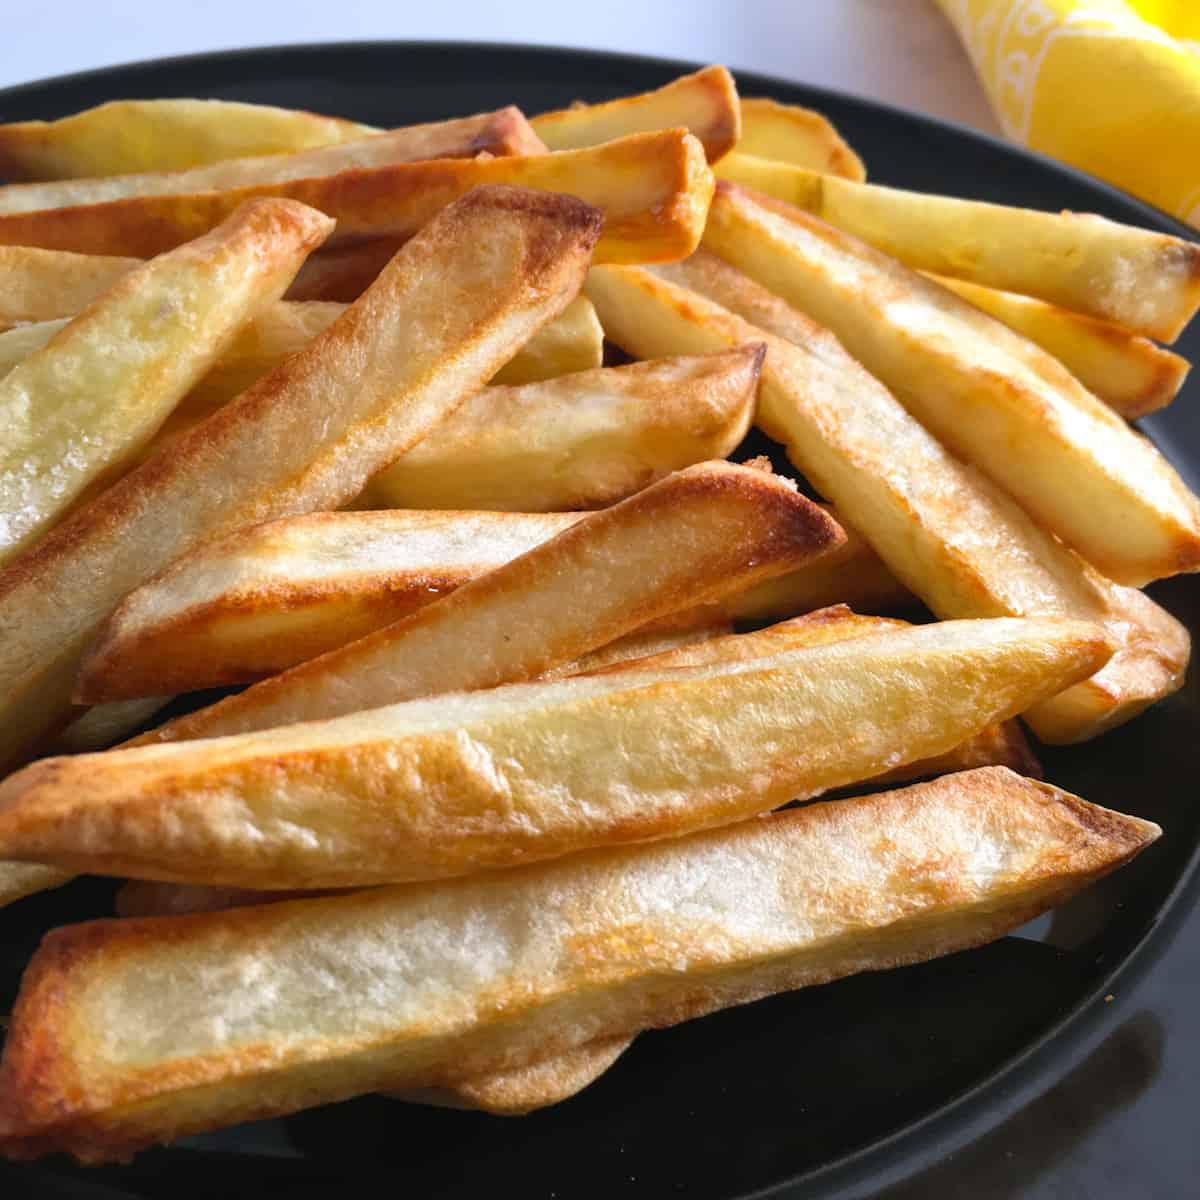 frozen fries cooked in air fryer